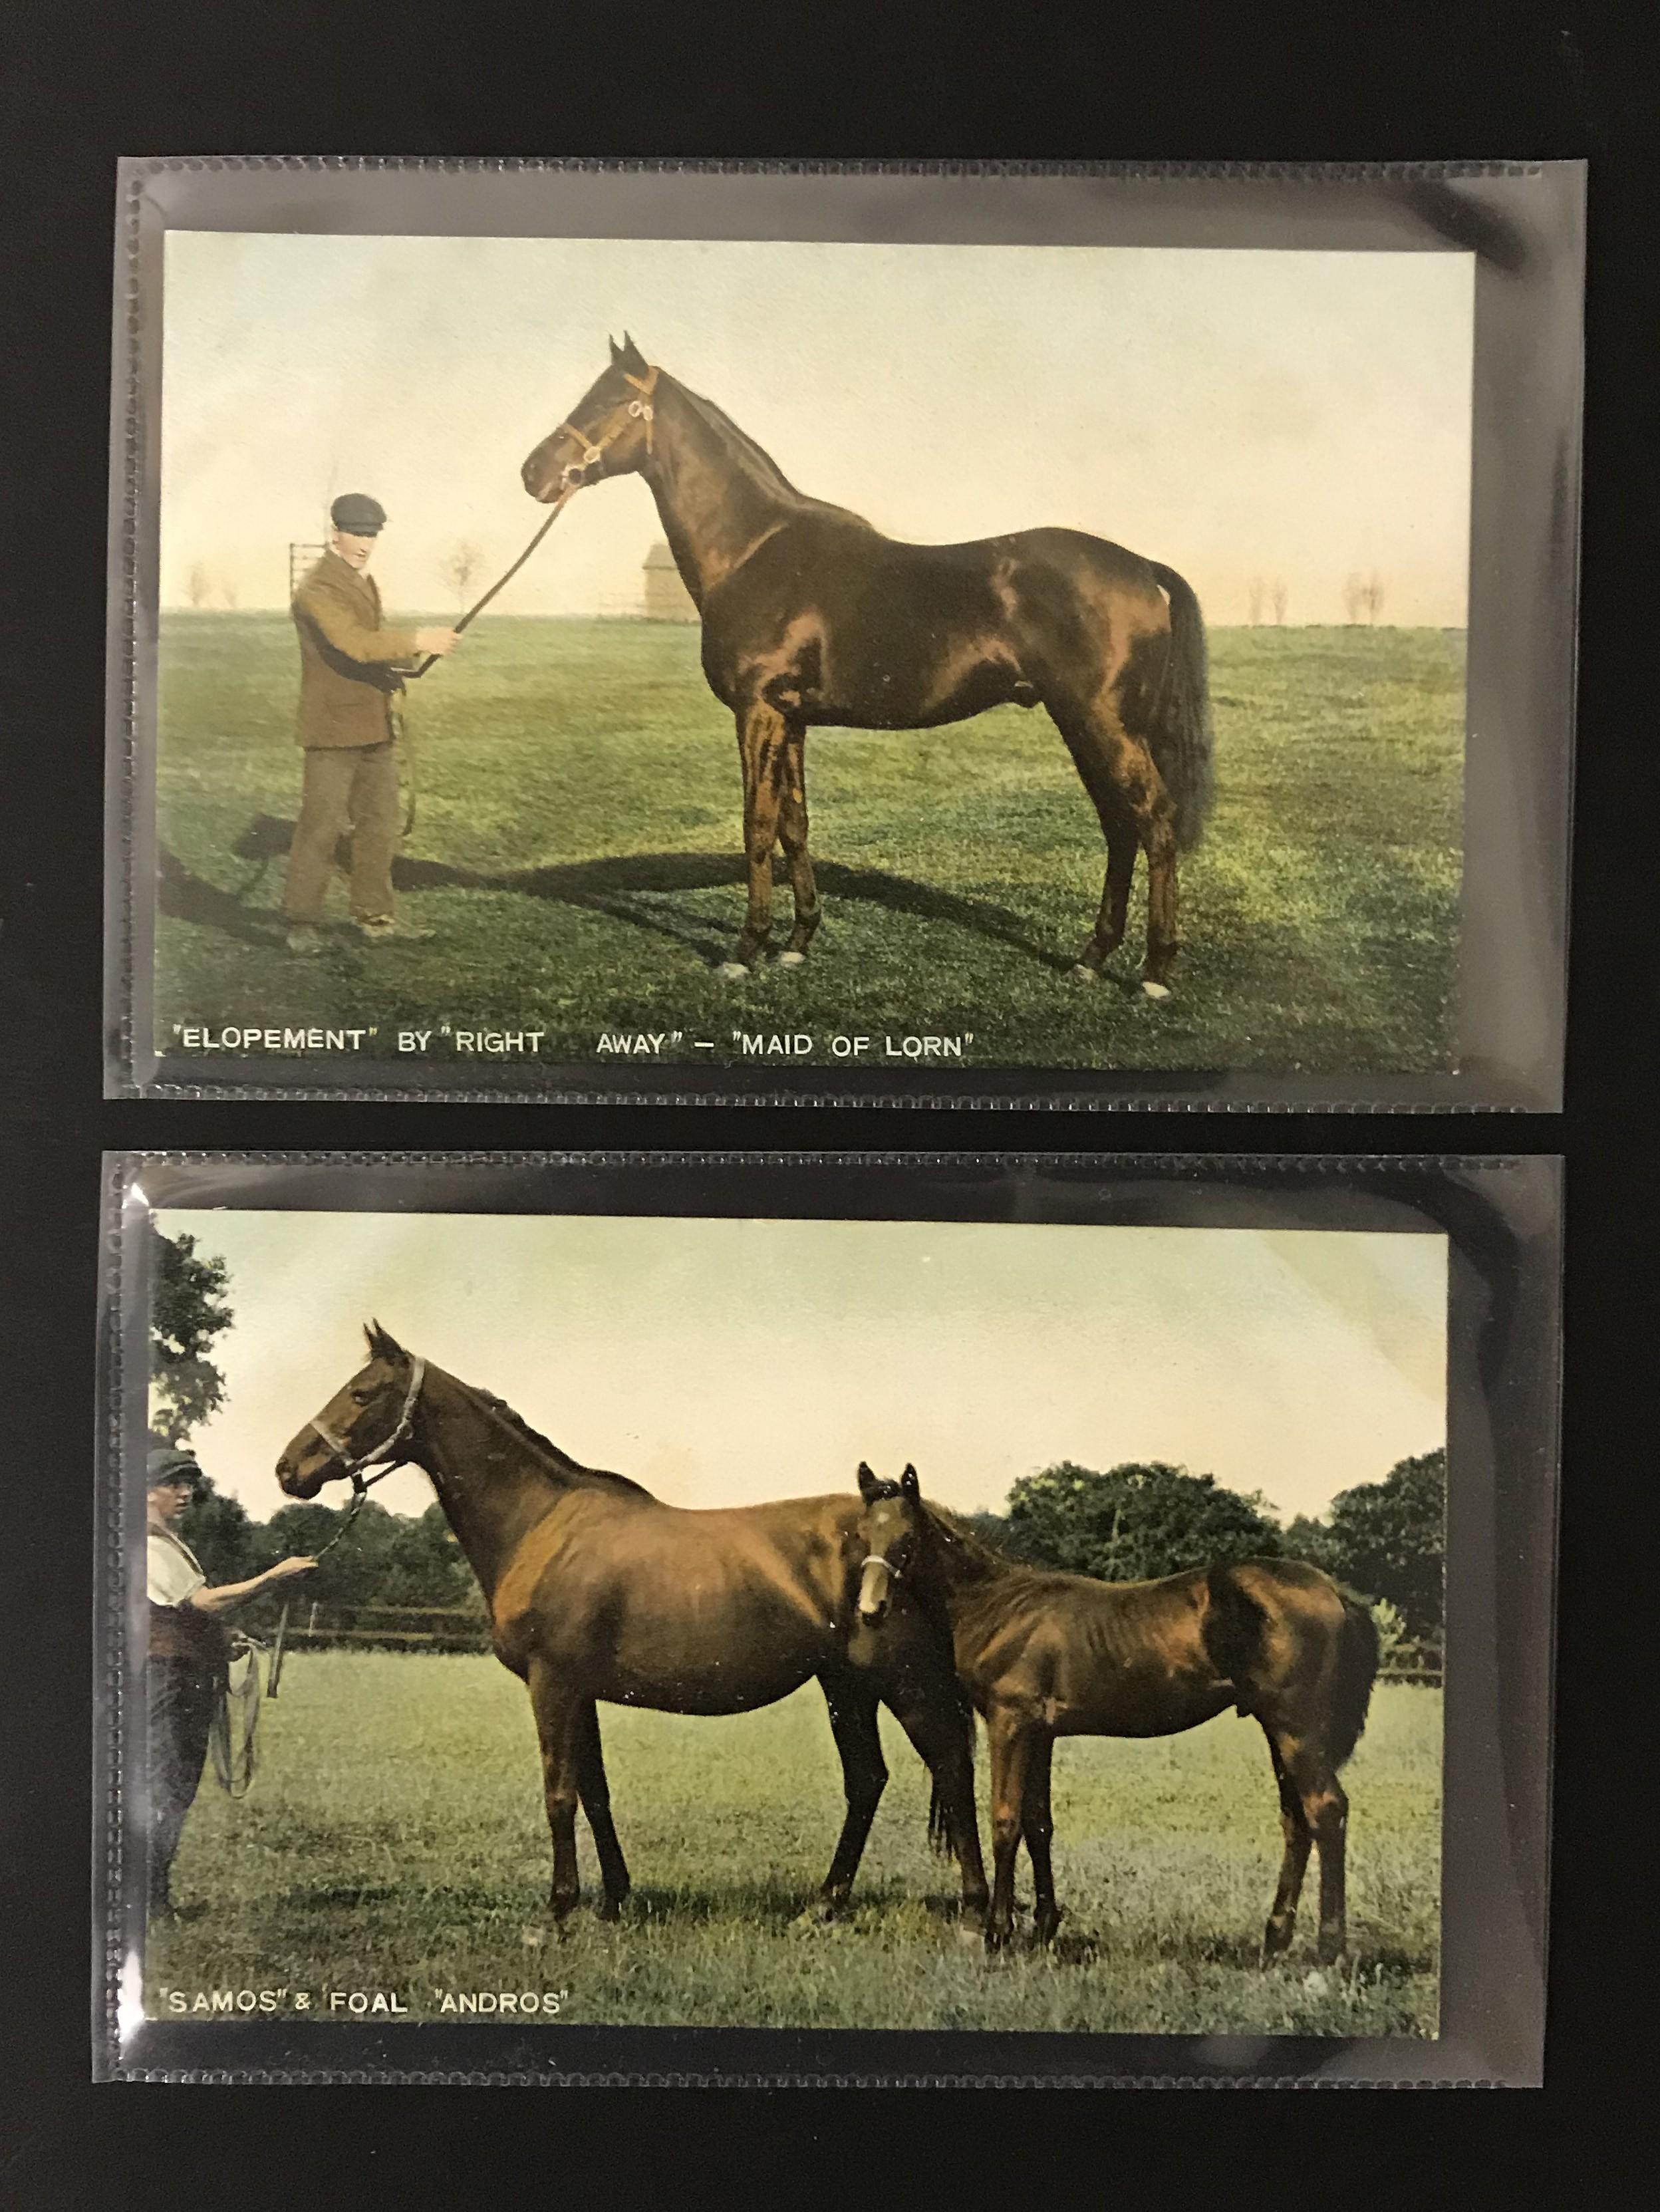 SIX UNUSED POSTCARDS BY B & D LONDON - KROMO SERIES PRINTED IN SAXONY - HORSES - Image 4 of 5